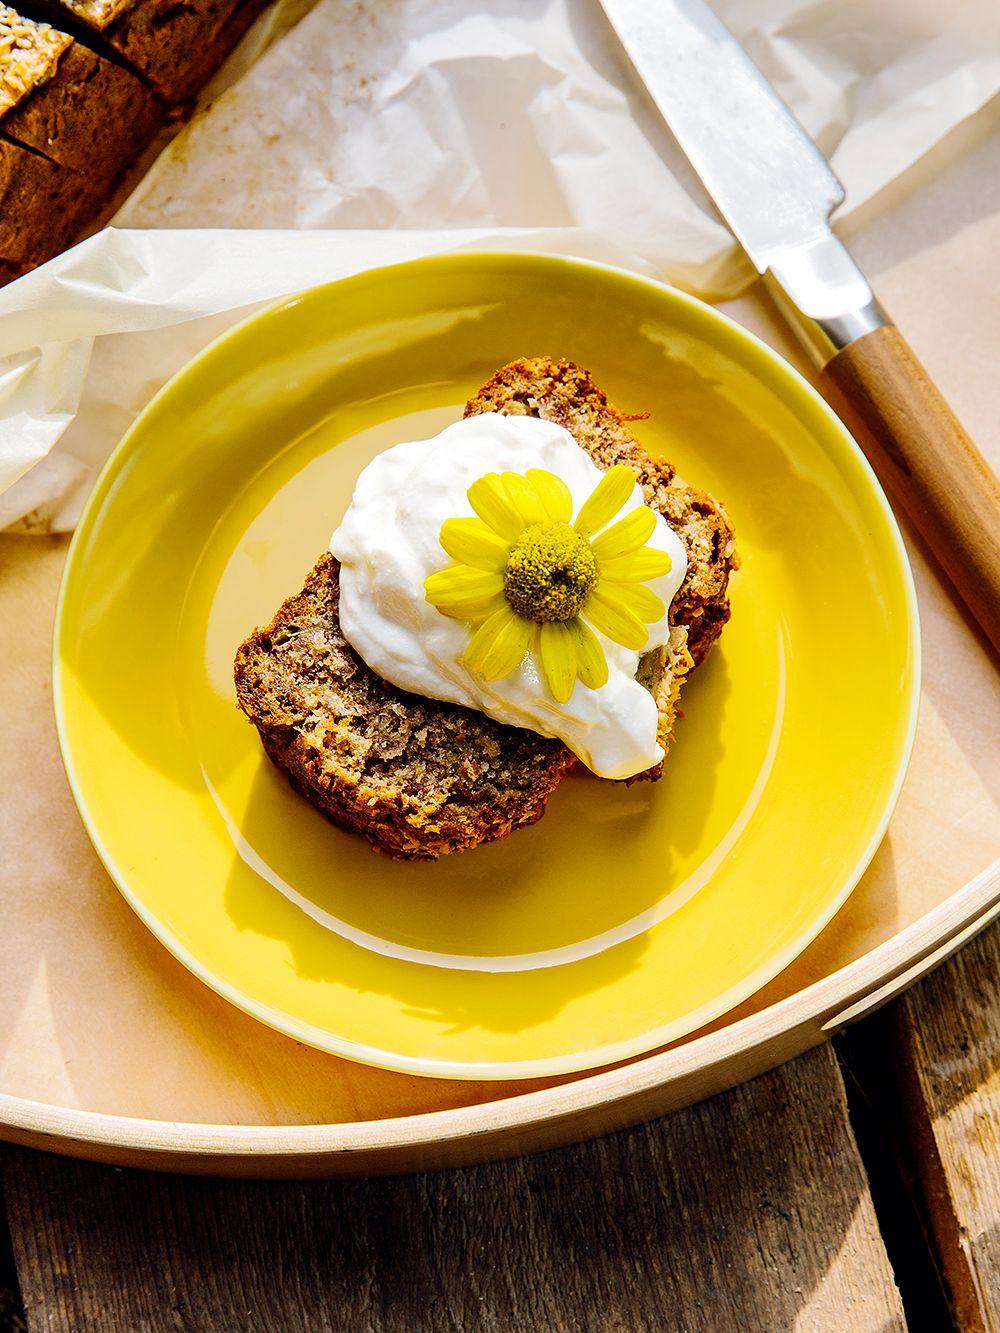 Coconut banana bread on Iittala's yellow Teema plate